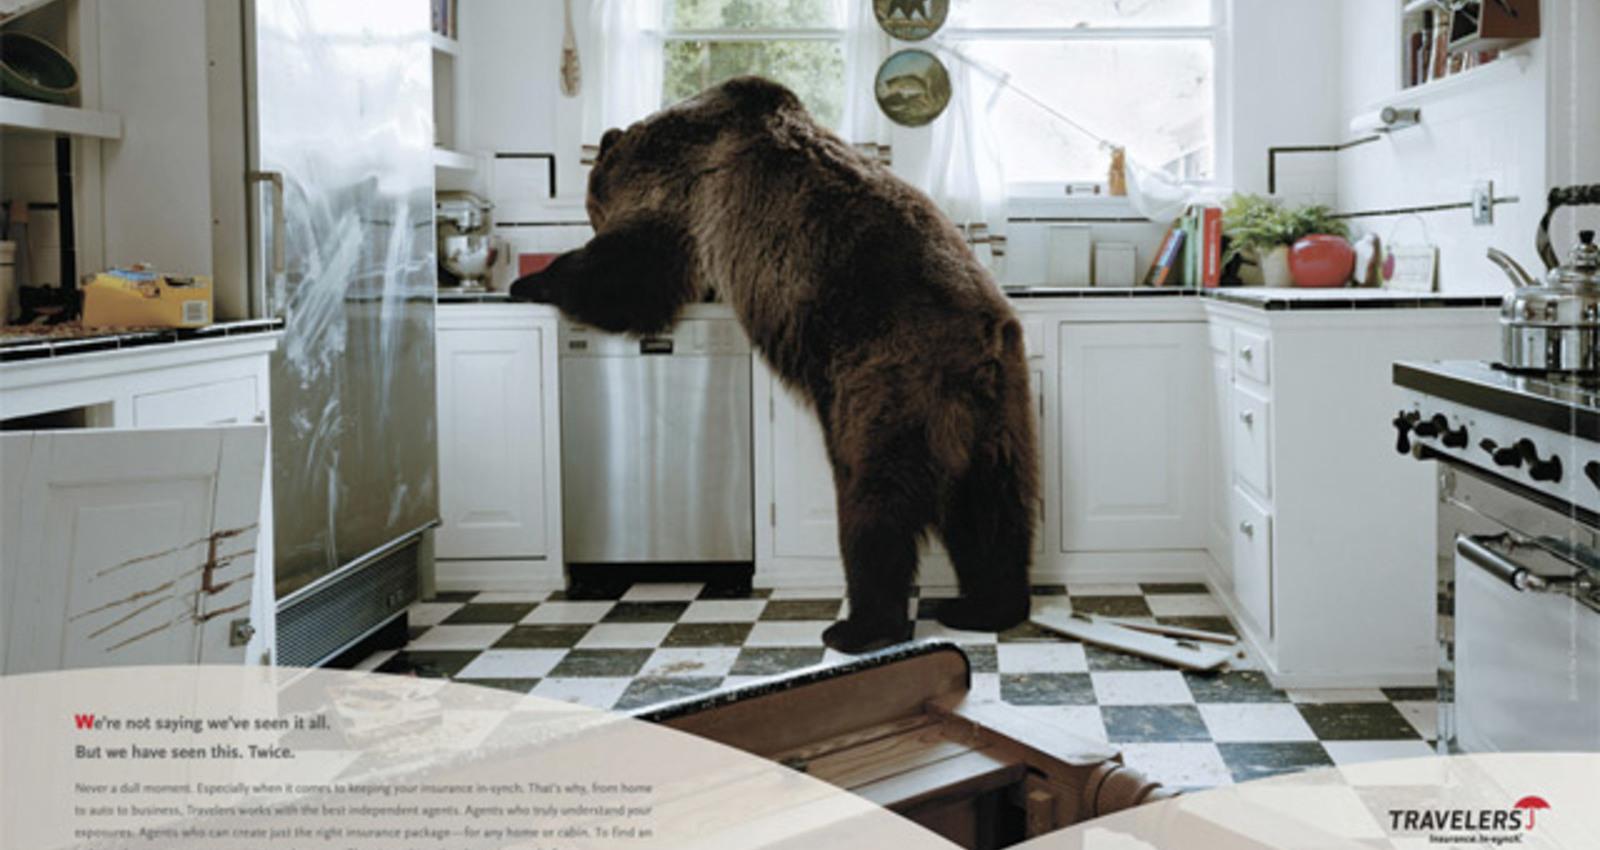 Bear in Kitchen